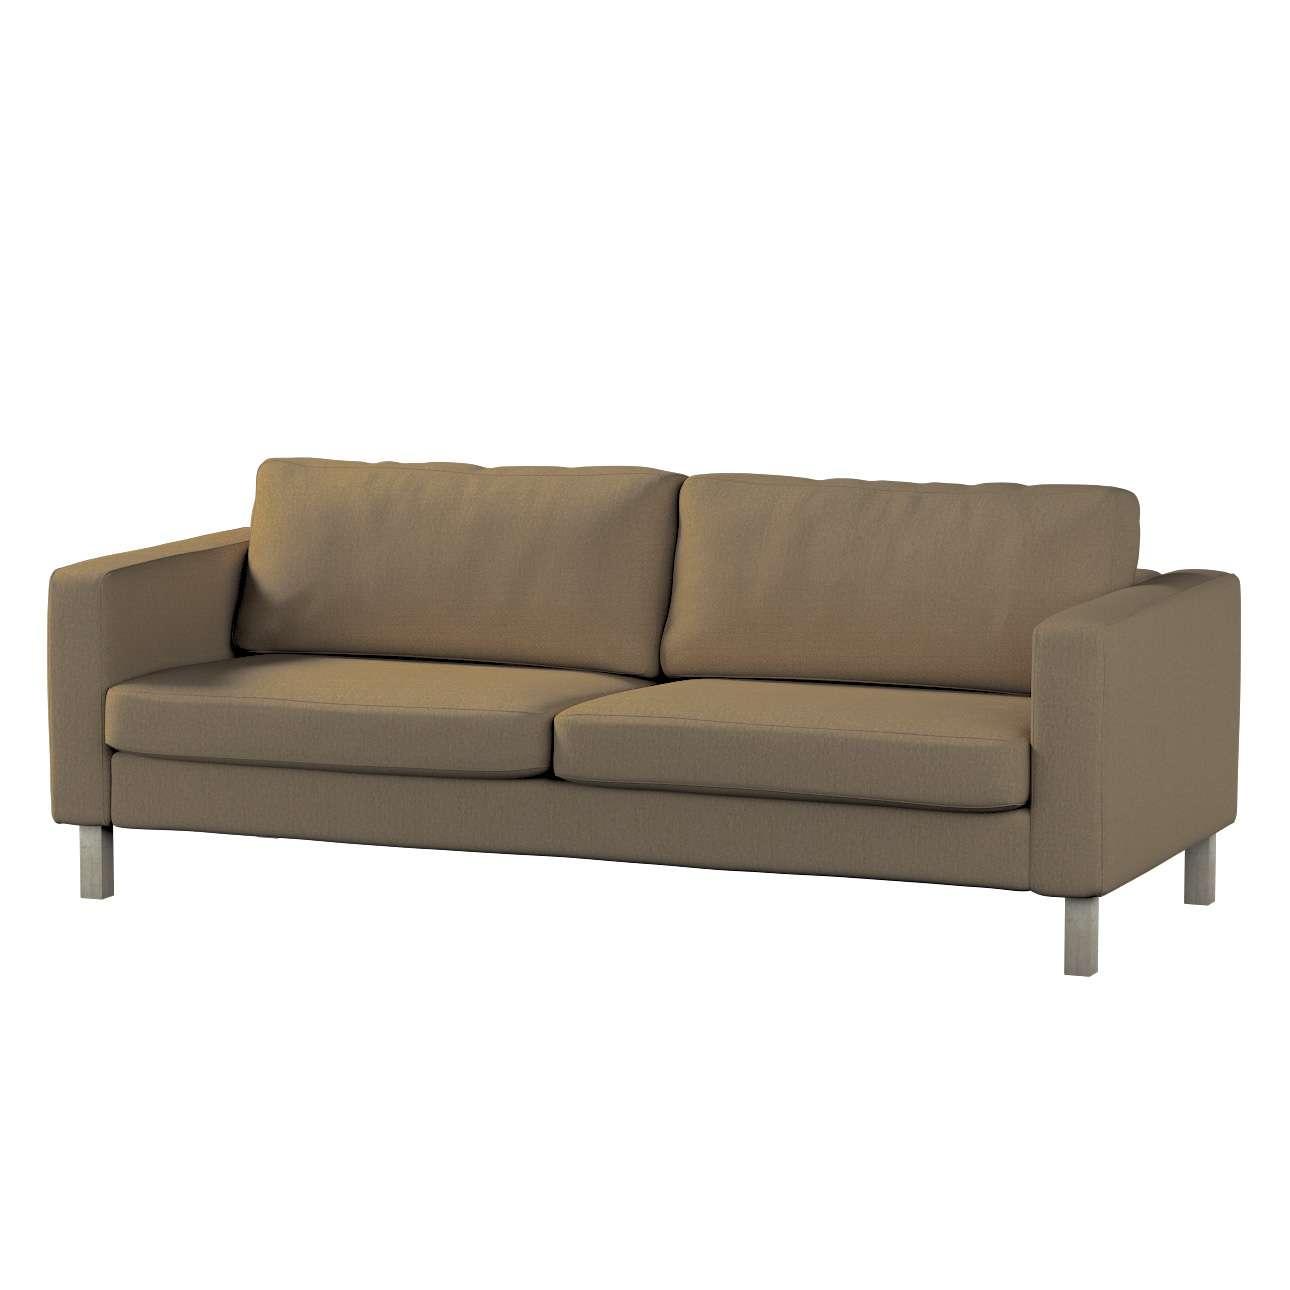 Pokrowiec na sofę Karlstad 3-osobową nierozkładaną, krótki Sofa Karlstad 3-osobowa w kolekcji Chenille, tkanina: 702-21